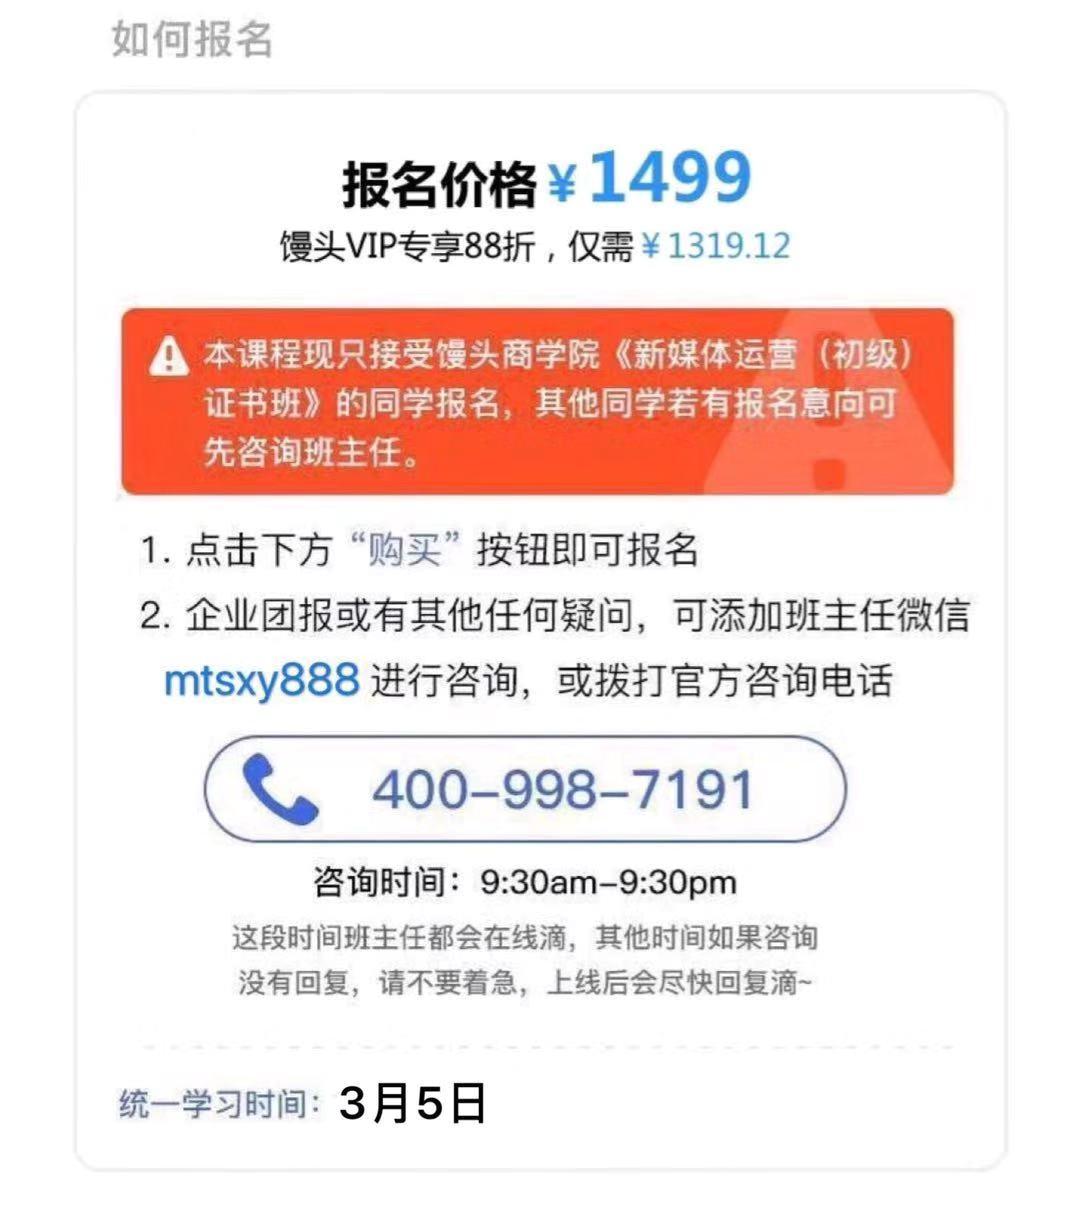 http://mtedu-img.oss-cn-beijing-internal.aliyuncs.com/ueditor/20200107173349_467455.jpeg